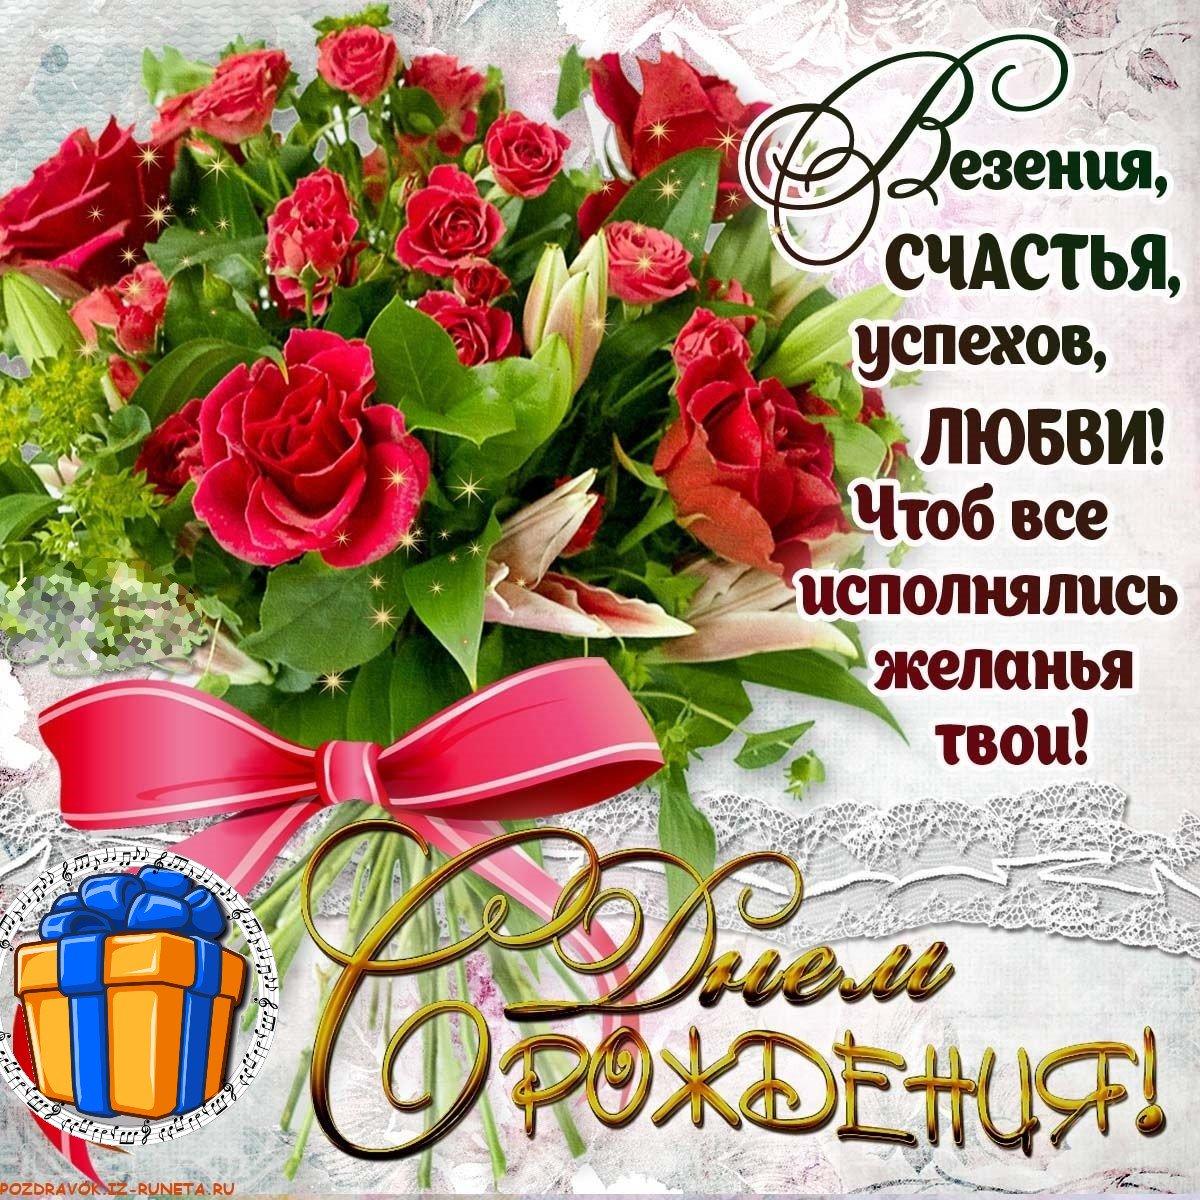 Поздравление, готовые красивые открытки